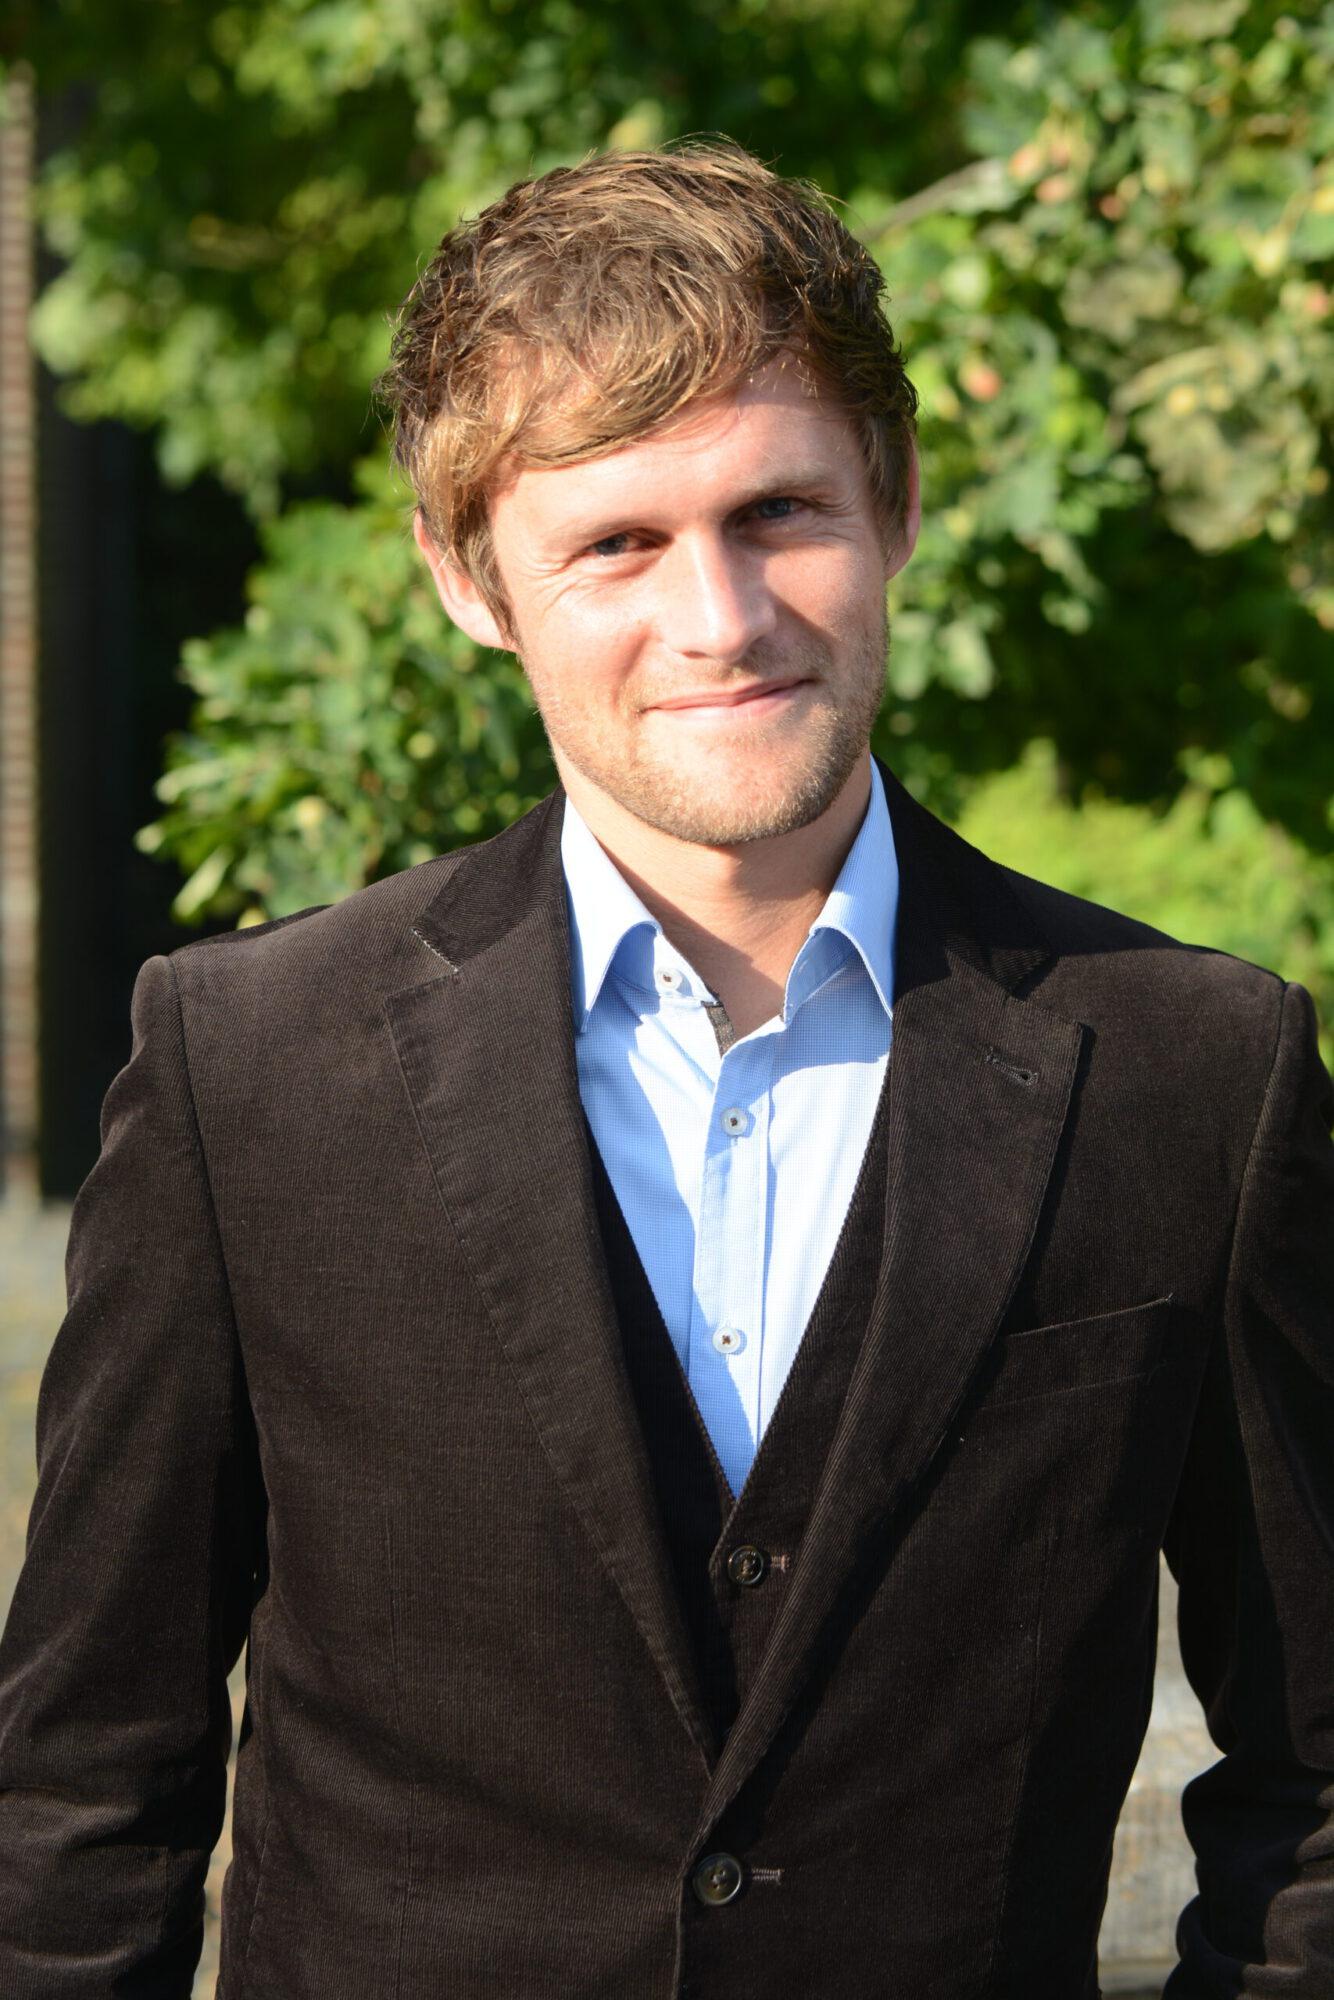 Florian Ebert